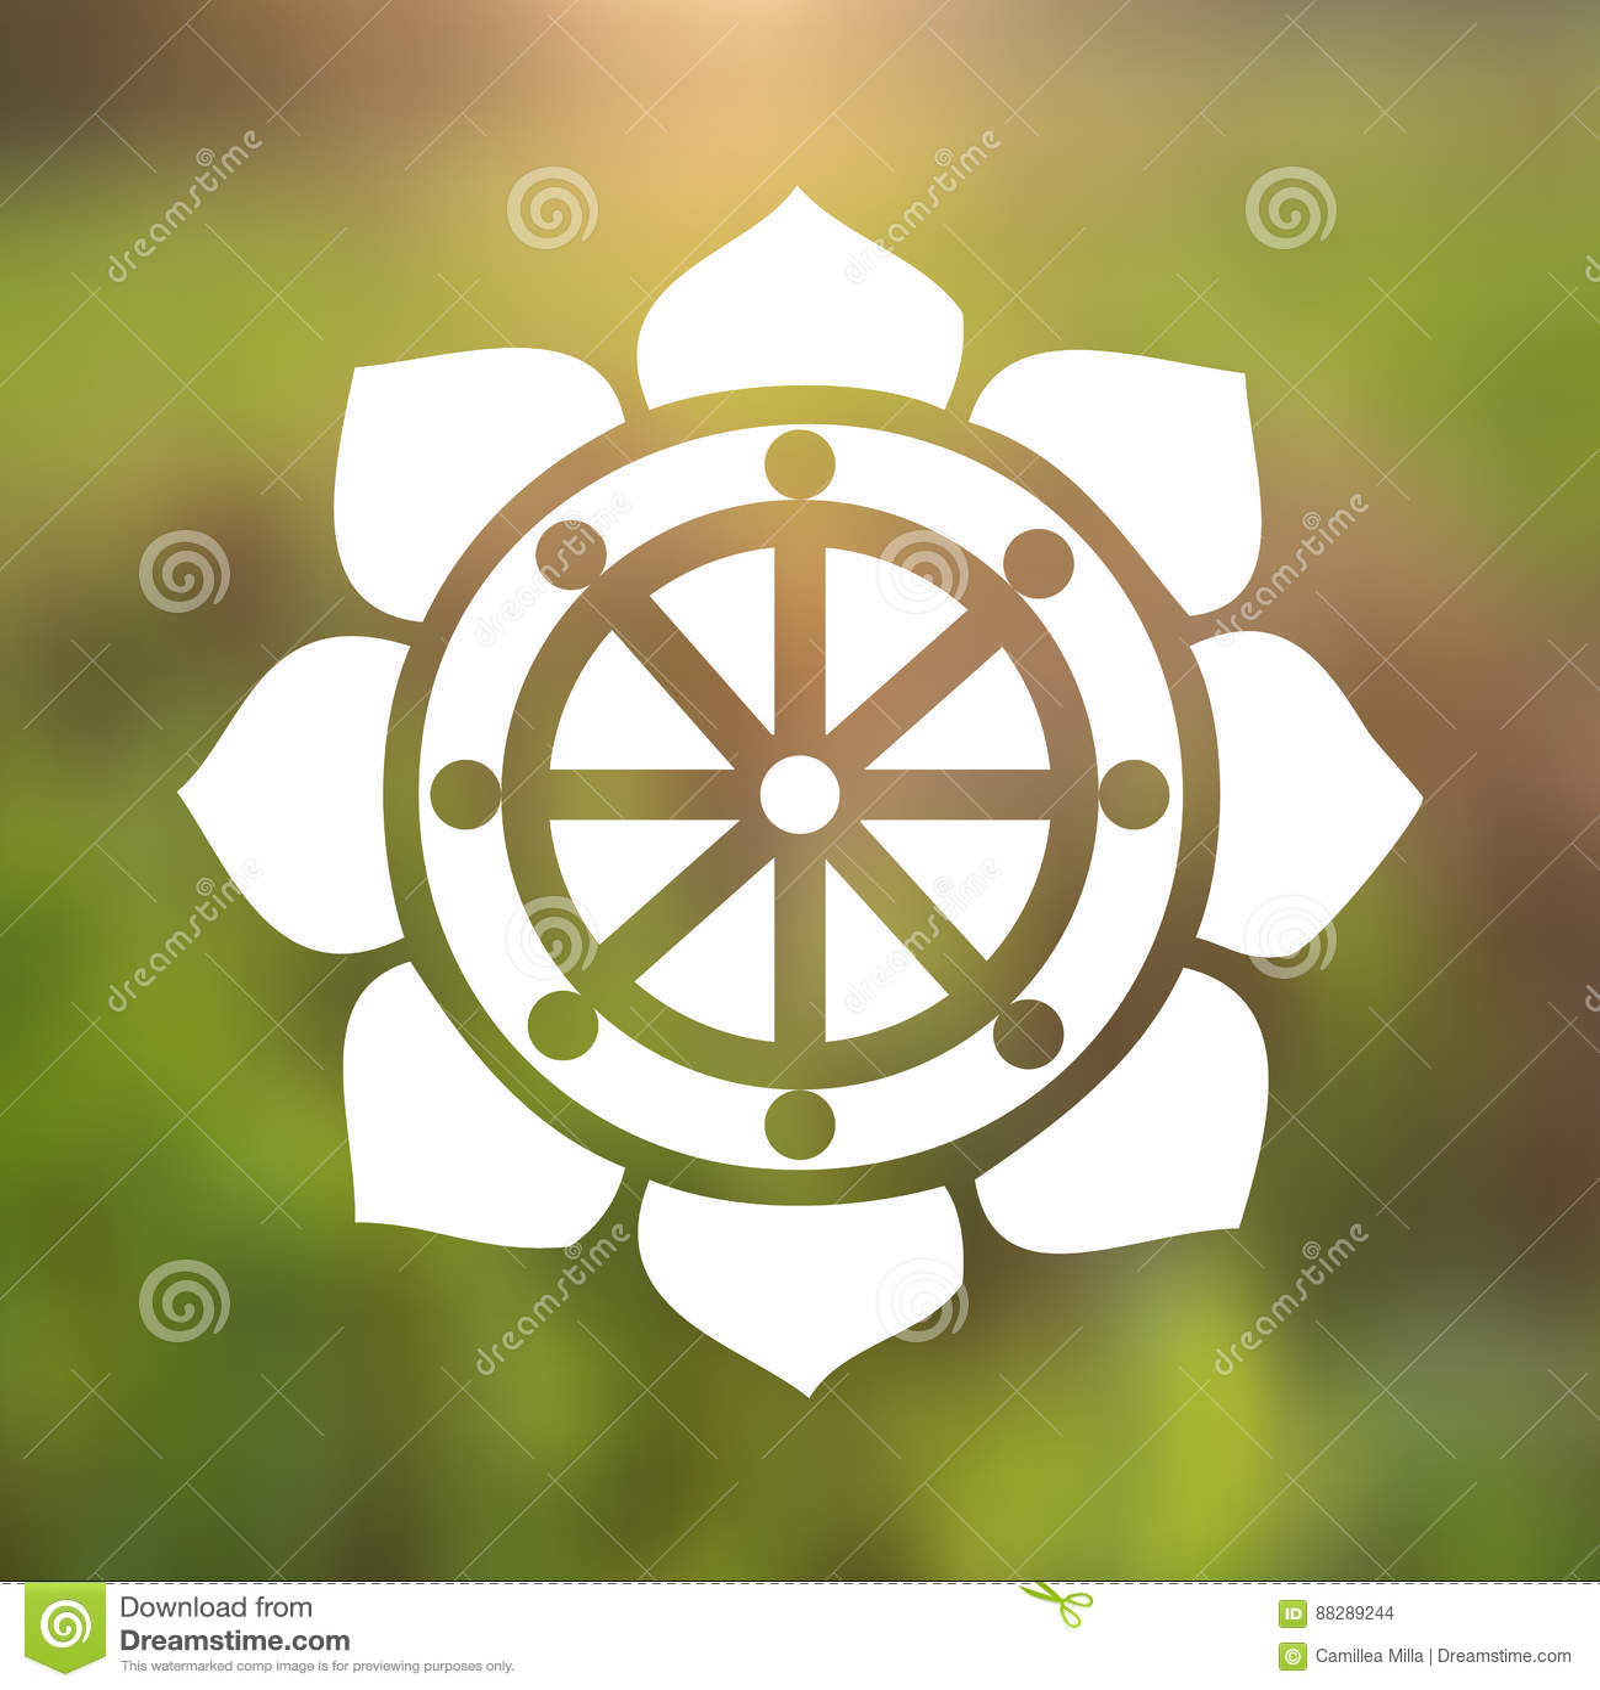 Vector dharma wheel in lotus flower on a cosmic background stock vector dharma wheel in lotus flower on a cosmic background izmirmasajfo